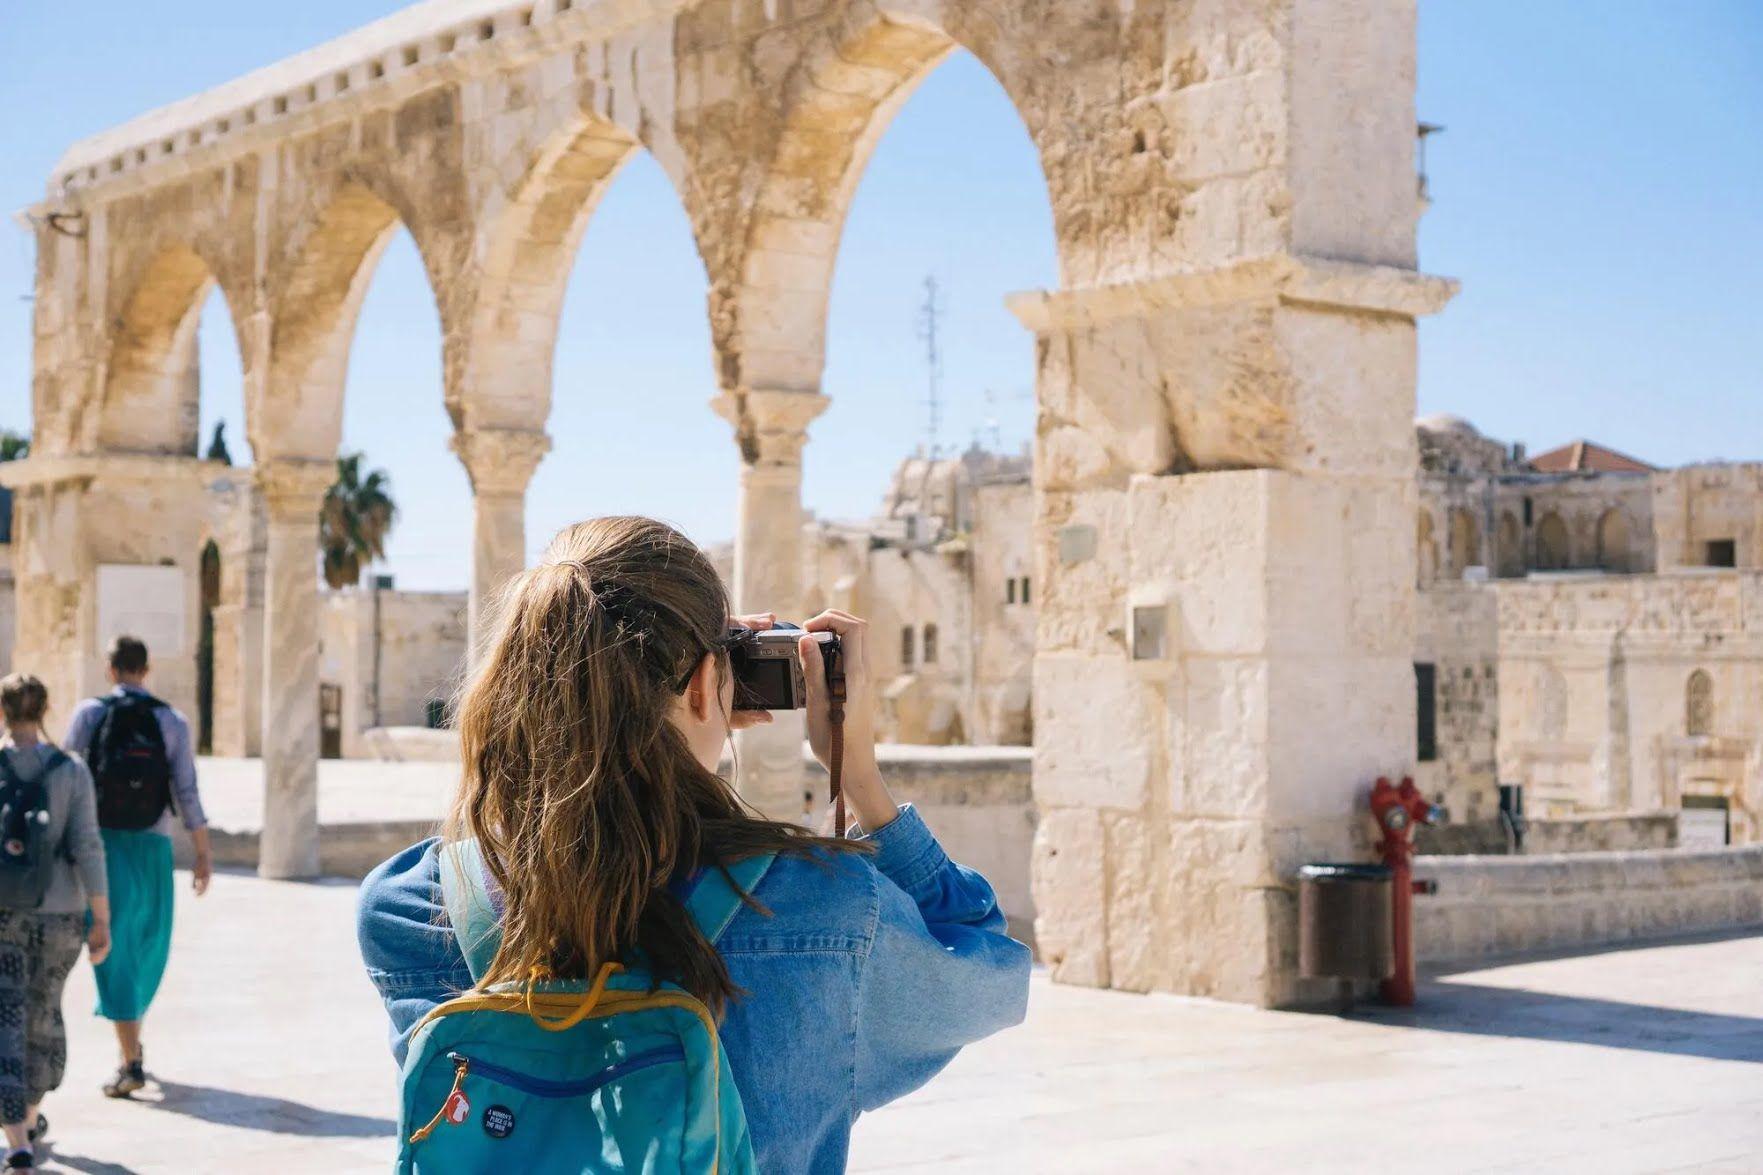 В Ізраїлі, перебуваючи біля святих місць, доведеться прикрити плечі і коліна